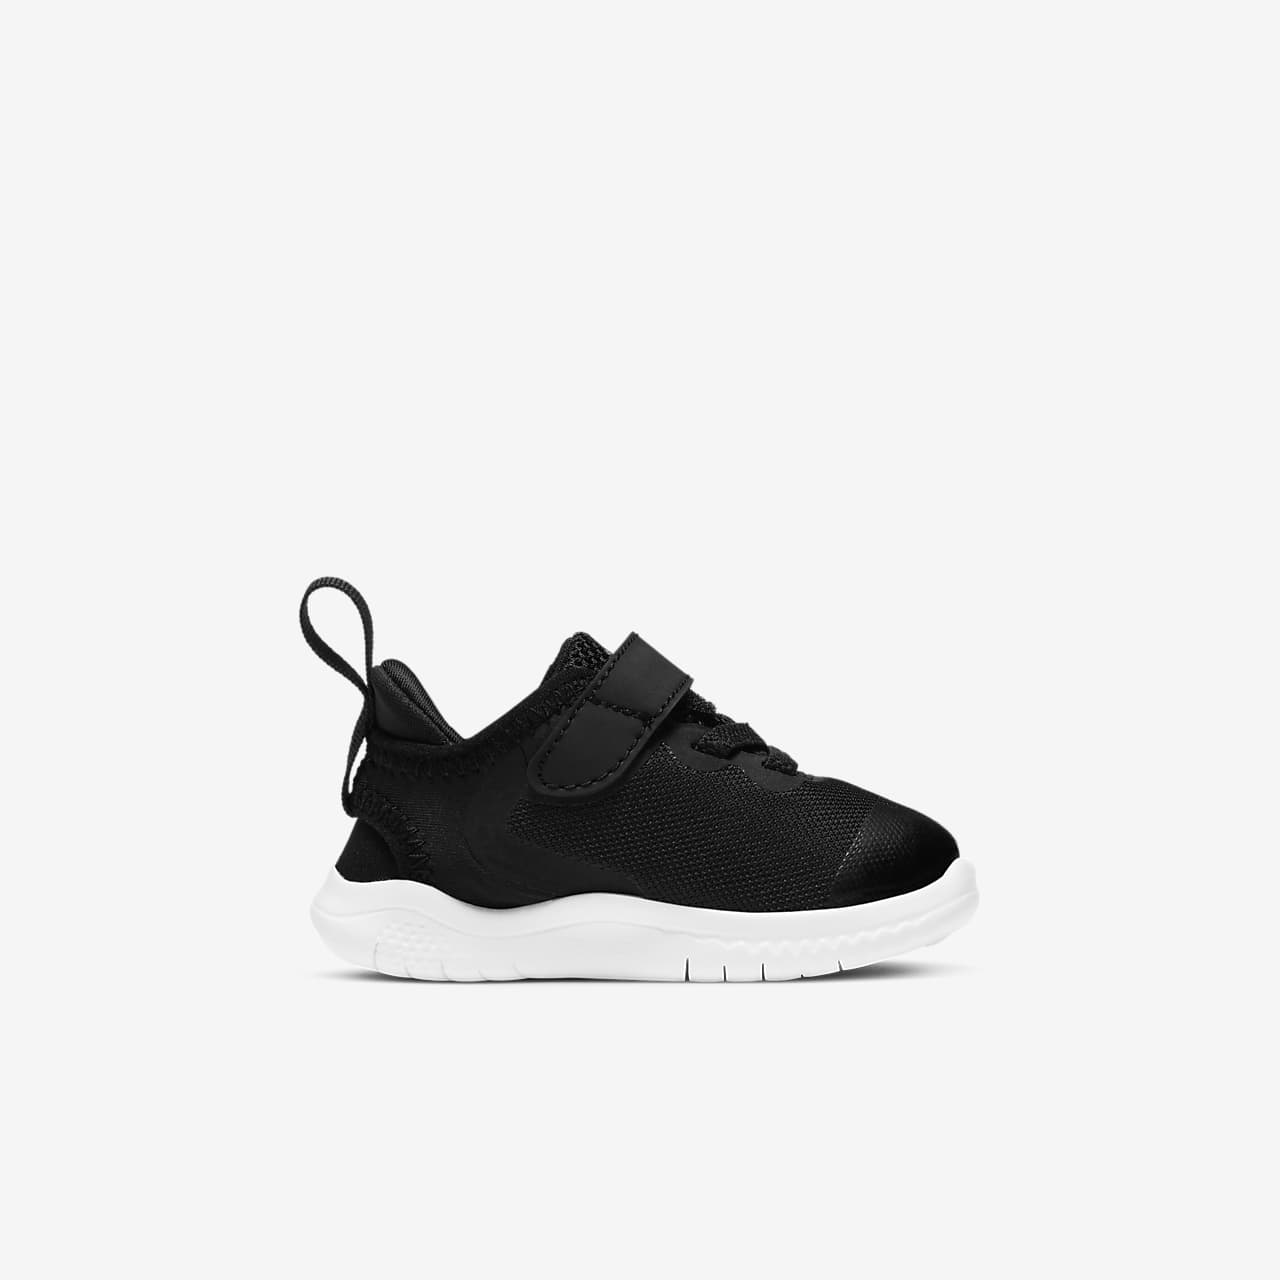 huge selection of 2ffe4 c161e ... Chaussure Nike Free RN 2018 pour Bébé Petit enfant